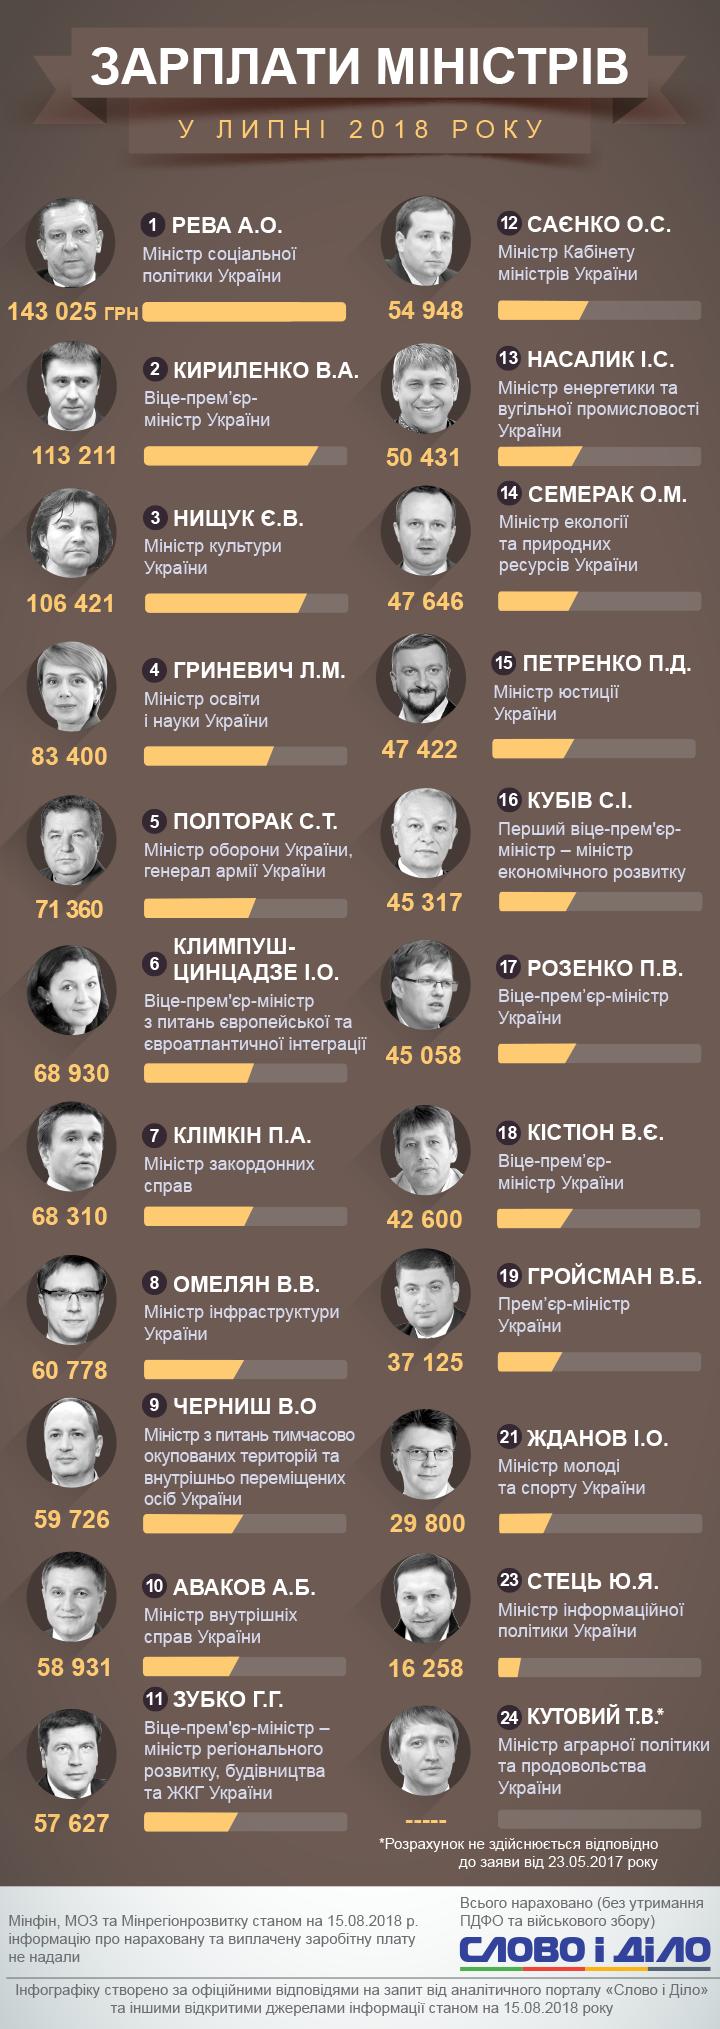 Сколько денег получили министры Украины в июле-2018